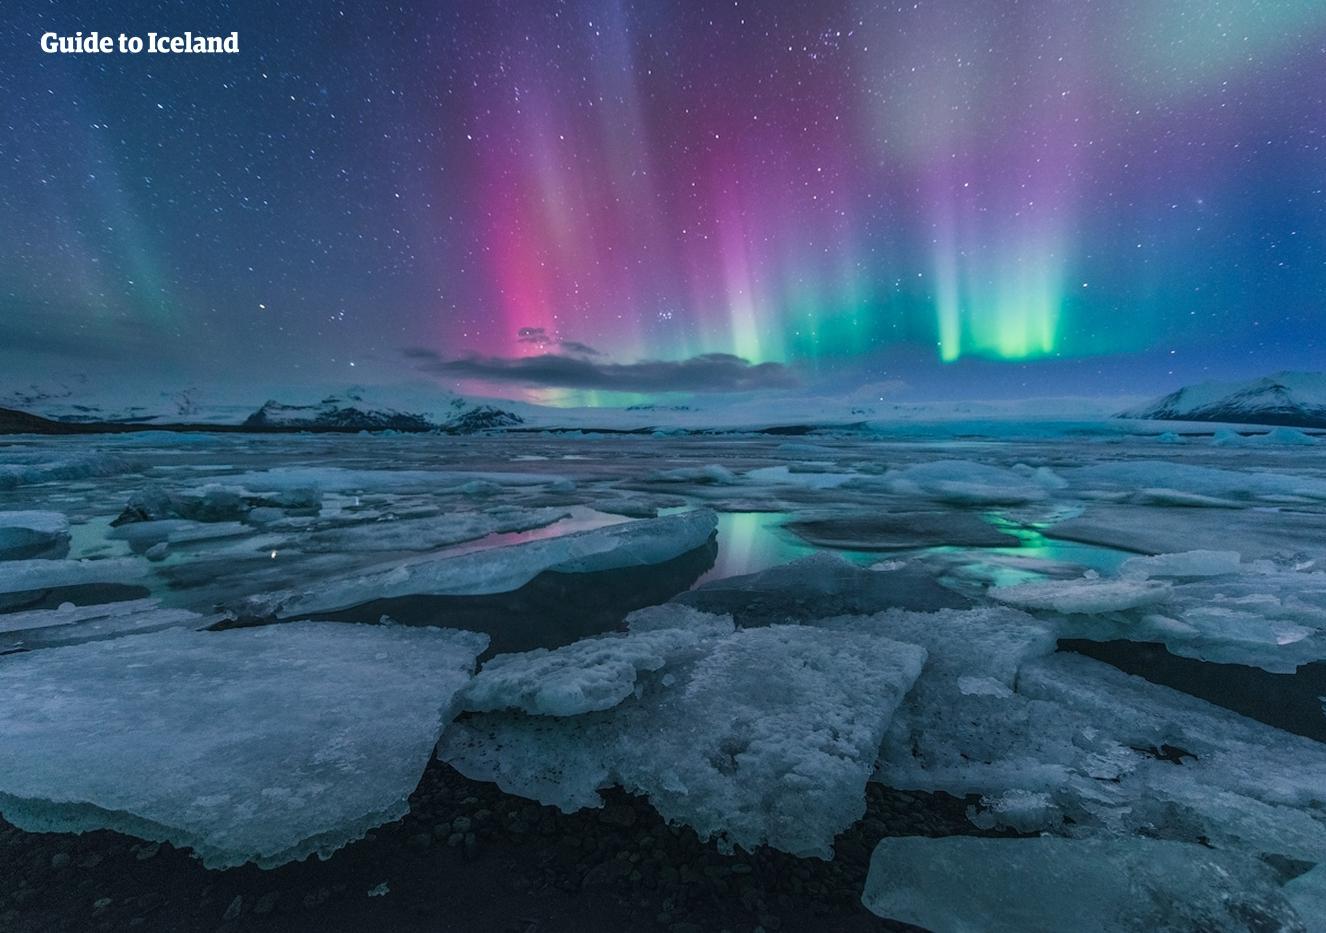 北极光在冰岛南岸的杰古沙龙冰河湖的冬季冰封湖面上肆意舞动